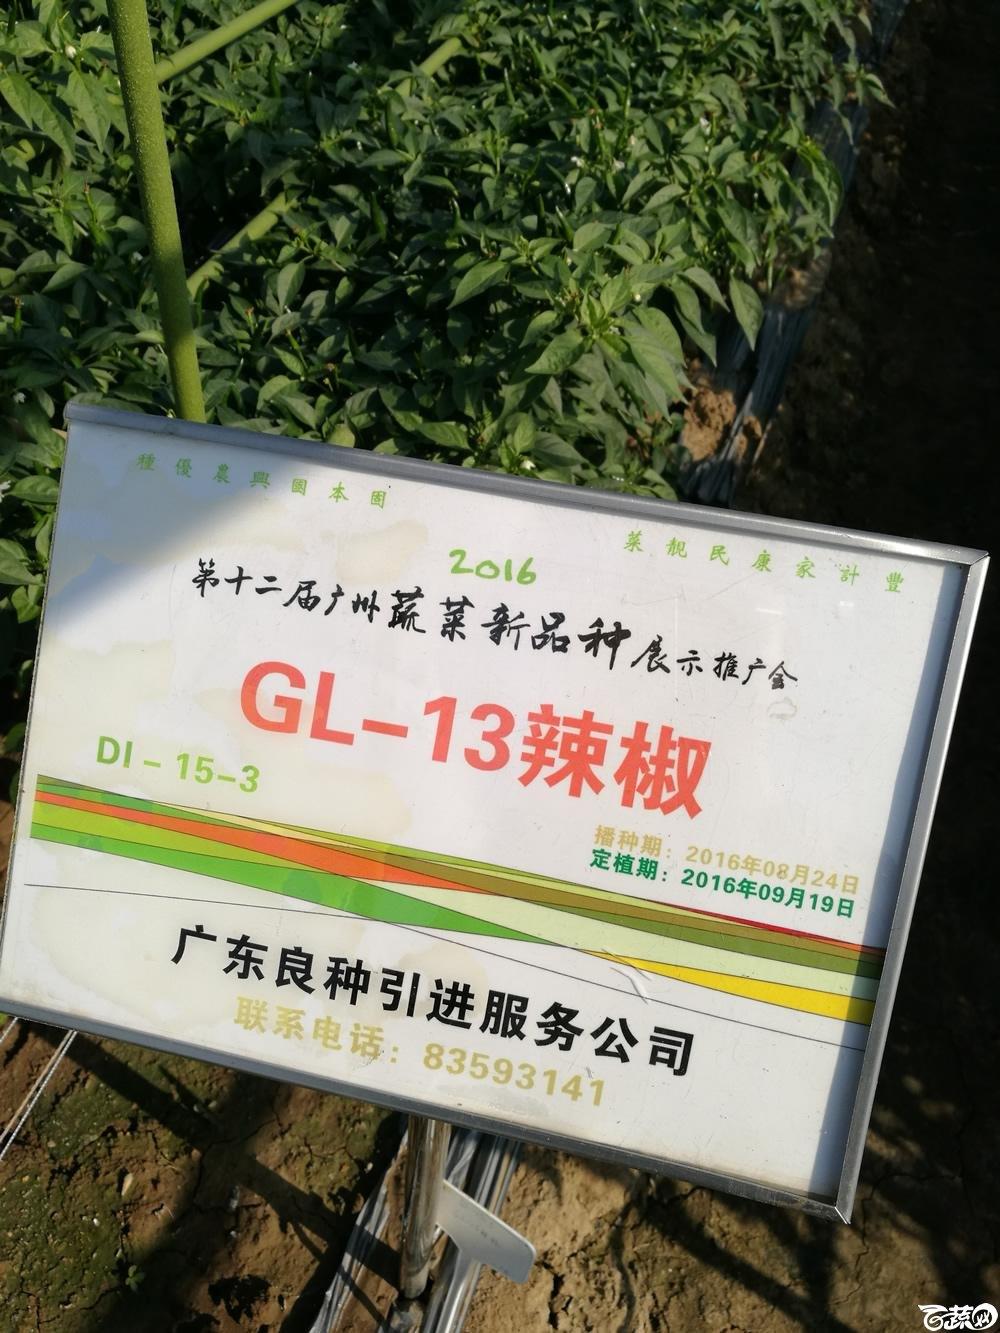 2016年12届广州蔬菜新品种展示会,广东良种引进公司GL-13辣椒-001.jpg